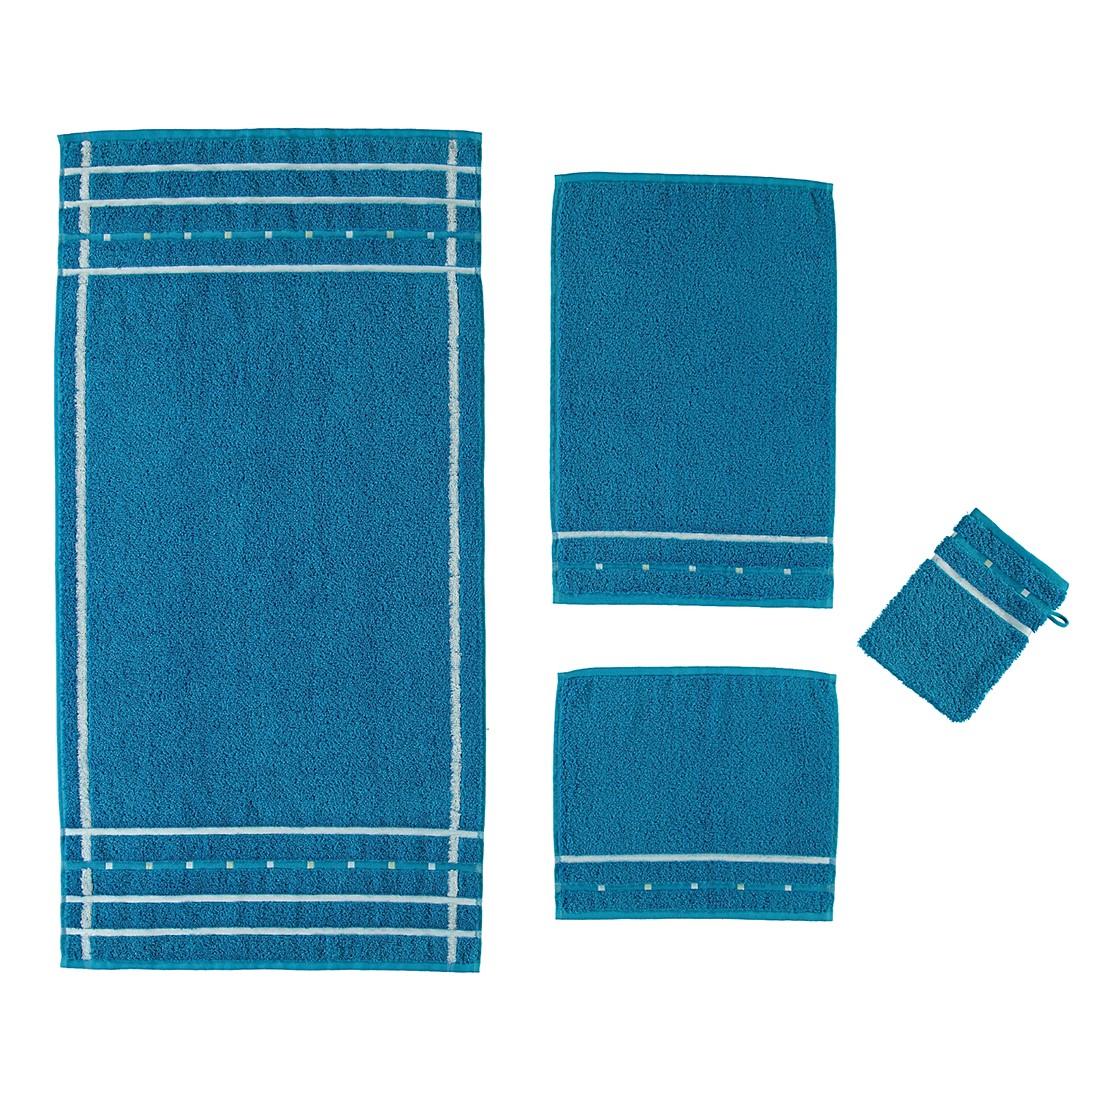 handt cher quadrati baumwolle curacao wei handtuch 60x110 cm vossen g nstig. Black Bedroom Furniture Sets. Home Design Ideas